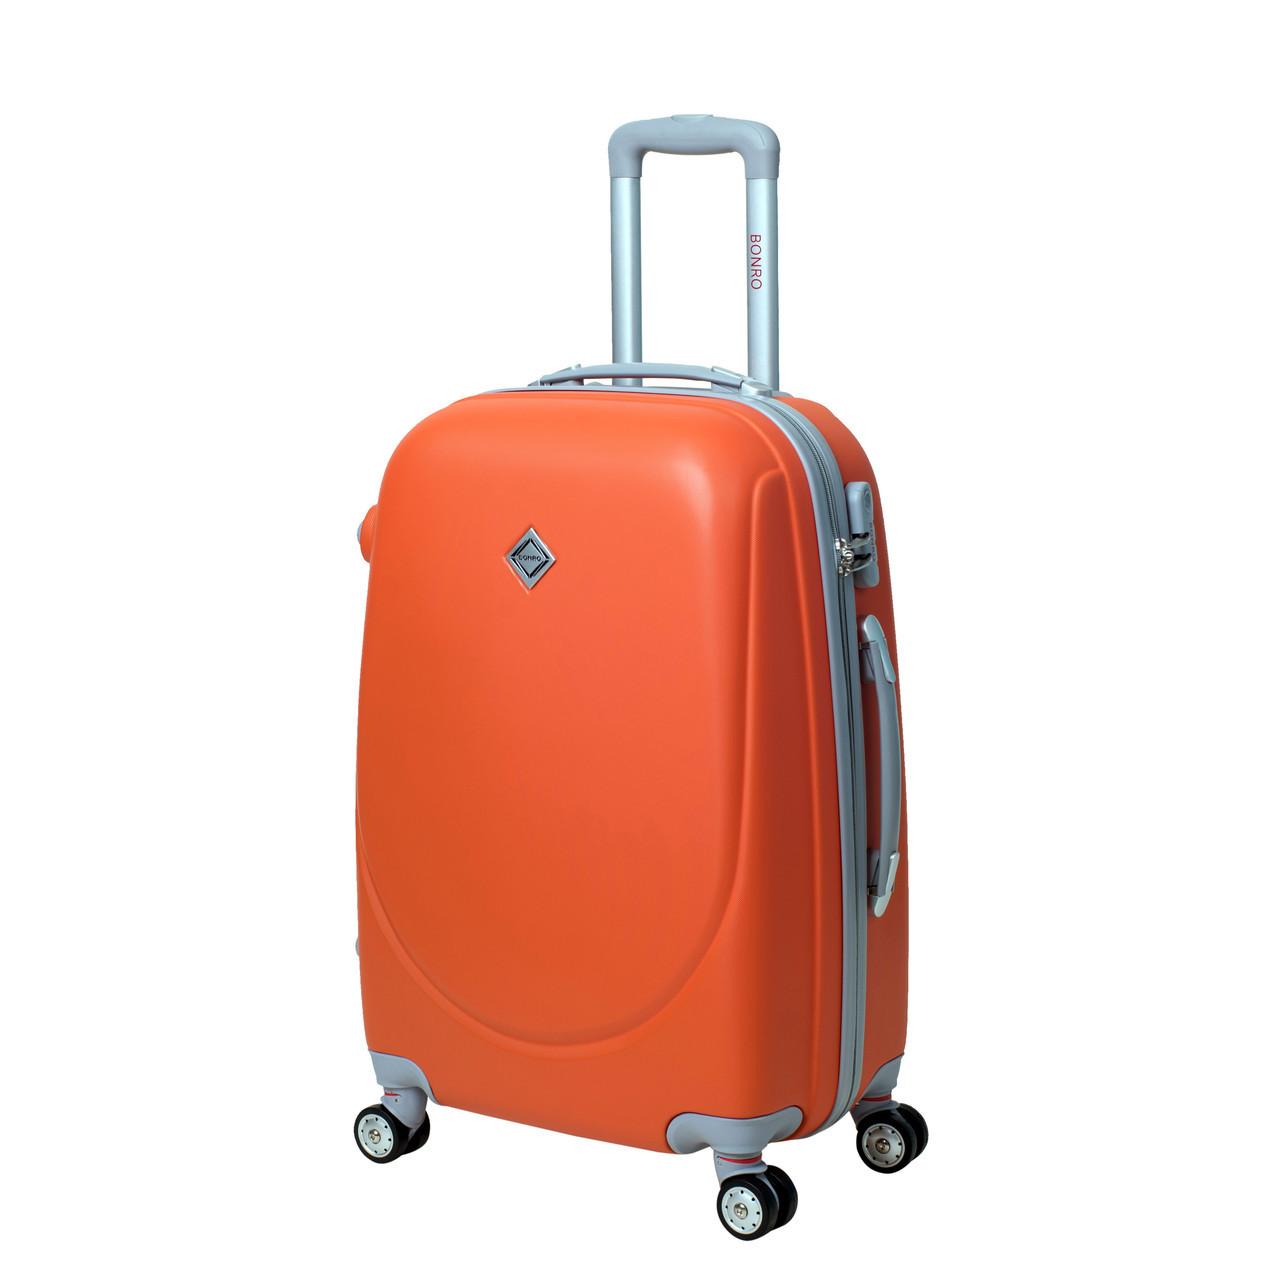 Чемодан Bonro Smile с двойными колесами (небольшой) оранжевый